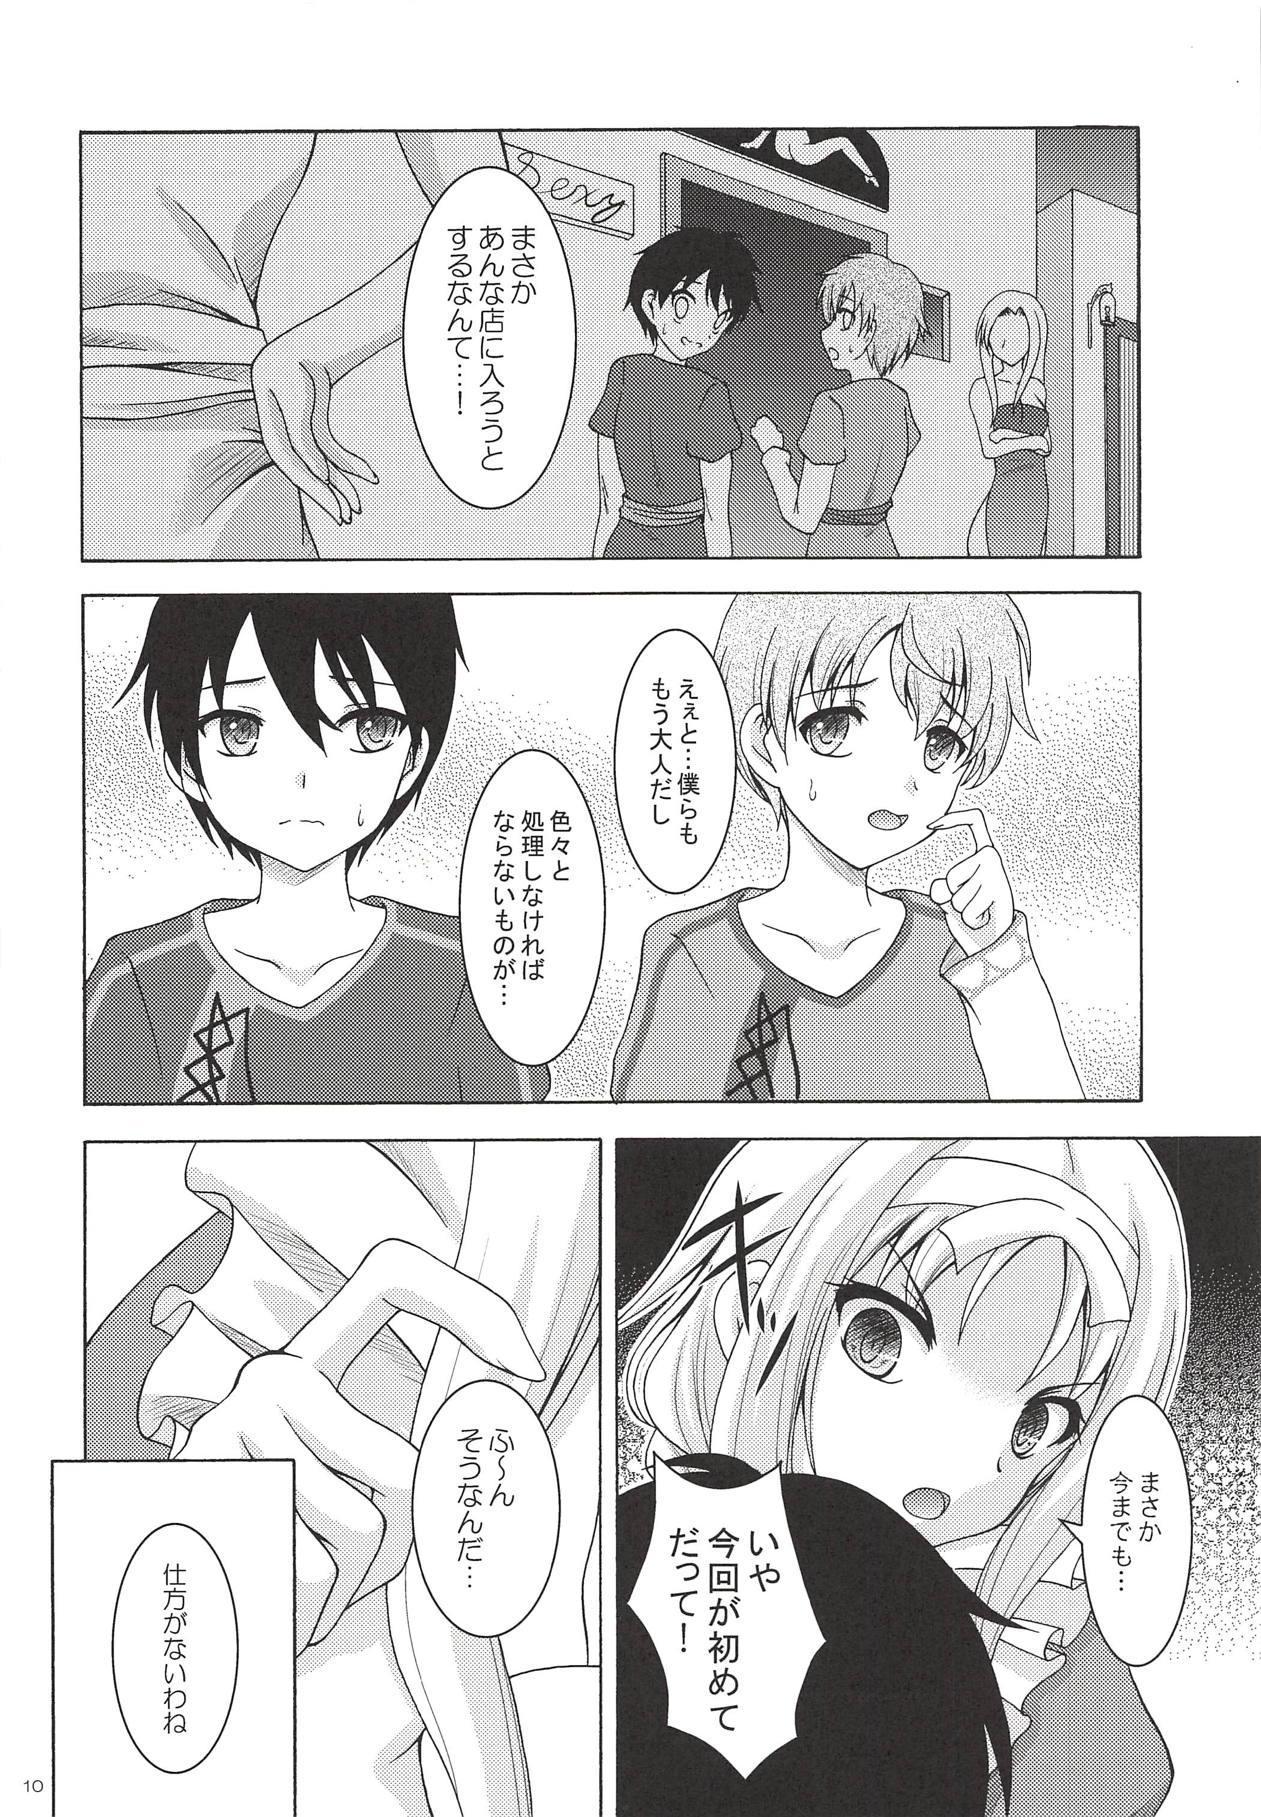 Alice no Yume 8